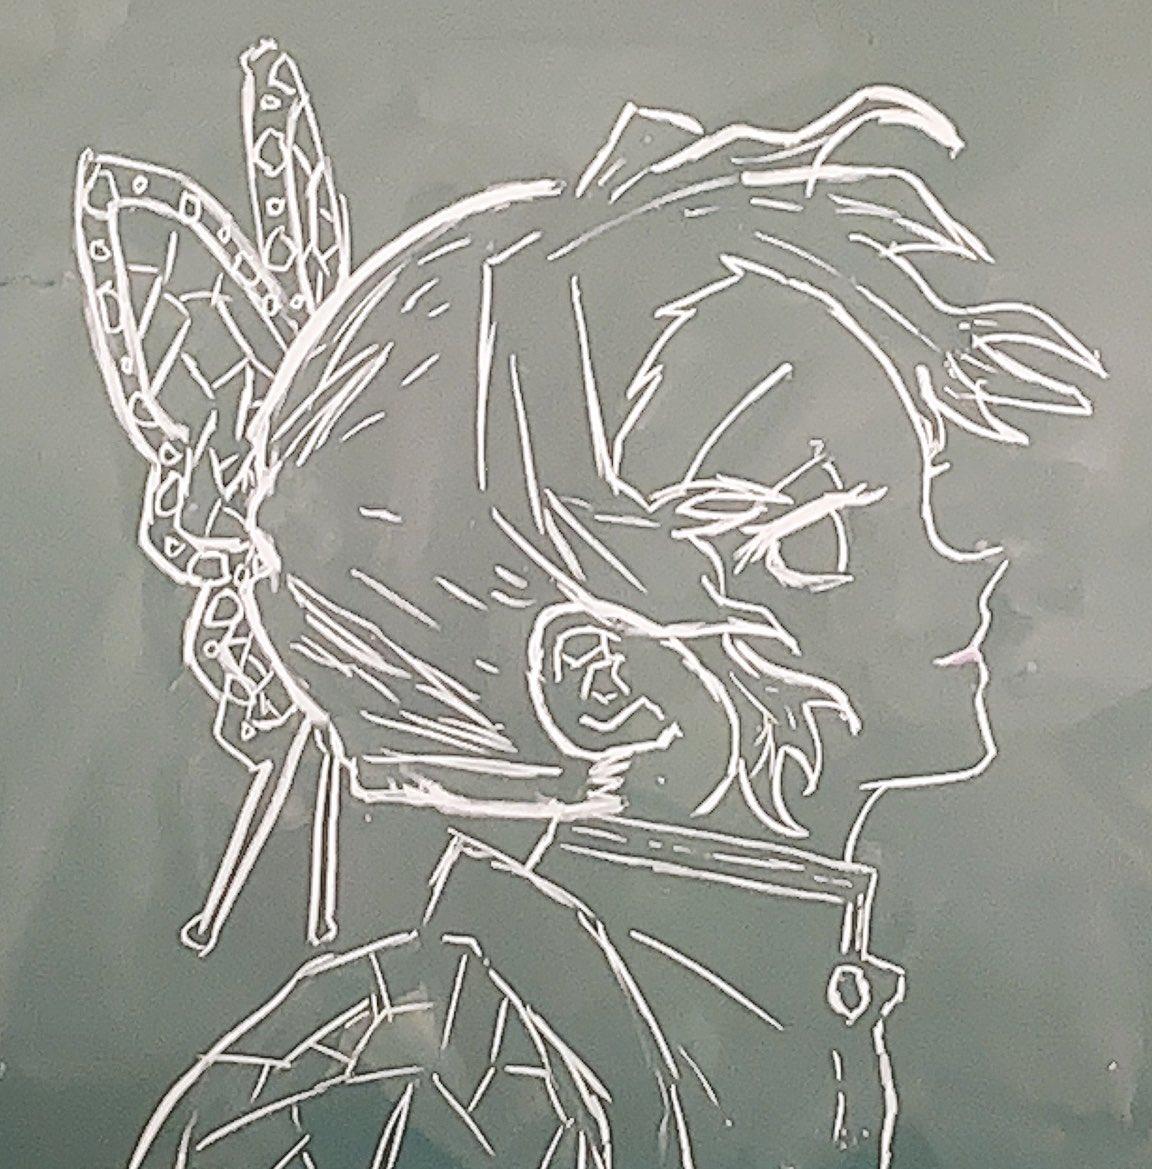 鬼滅の刃の黒板アート(キャラクター個別):胡蝶しのぶ(蟲柱)